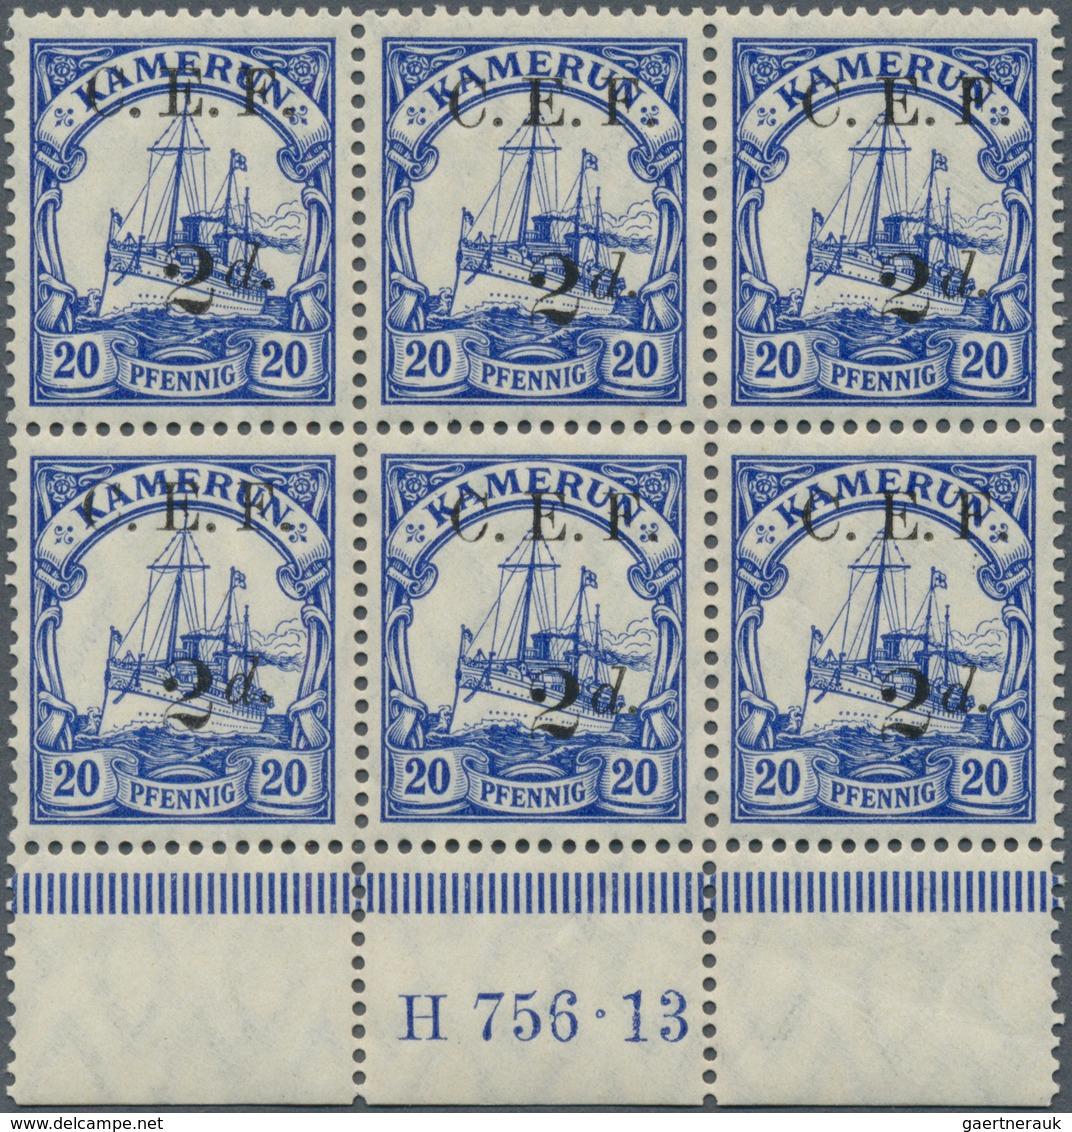 Deutsche Kolonien - Kamerun - Britische Besetzung: 1915, 2 D. Auf 20 Pfg. Ultramarin Im Unterrand-6e - Kolonie: Kamerun